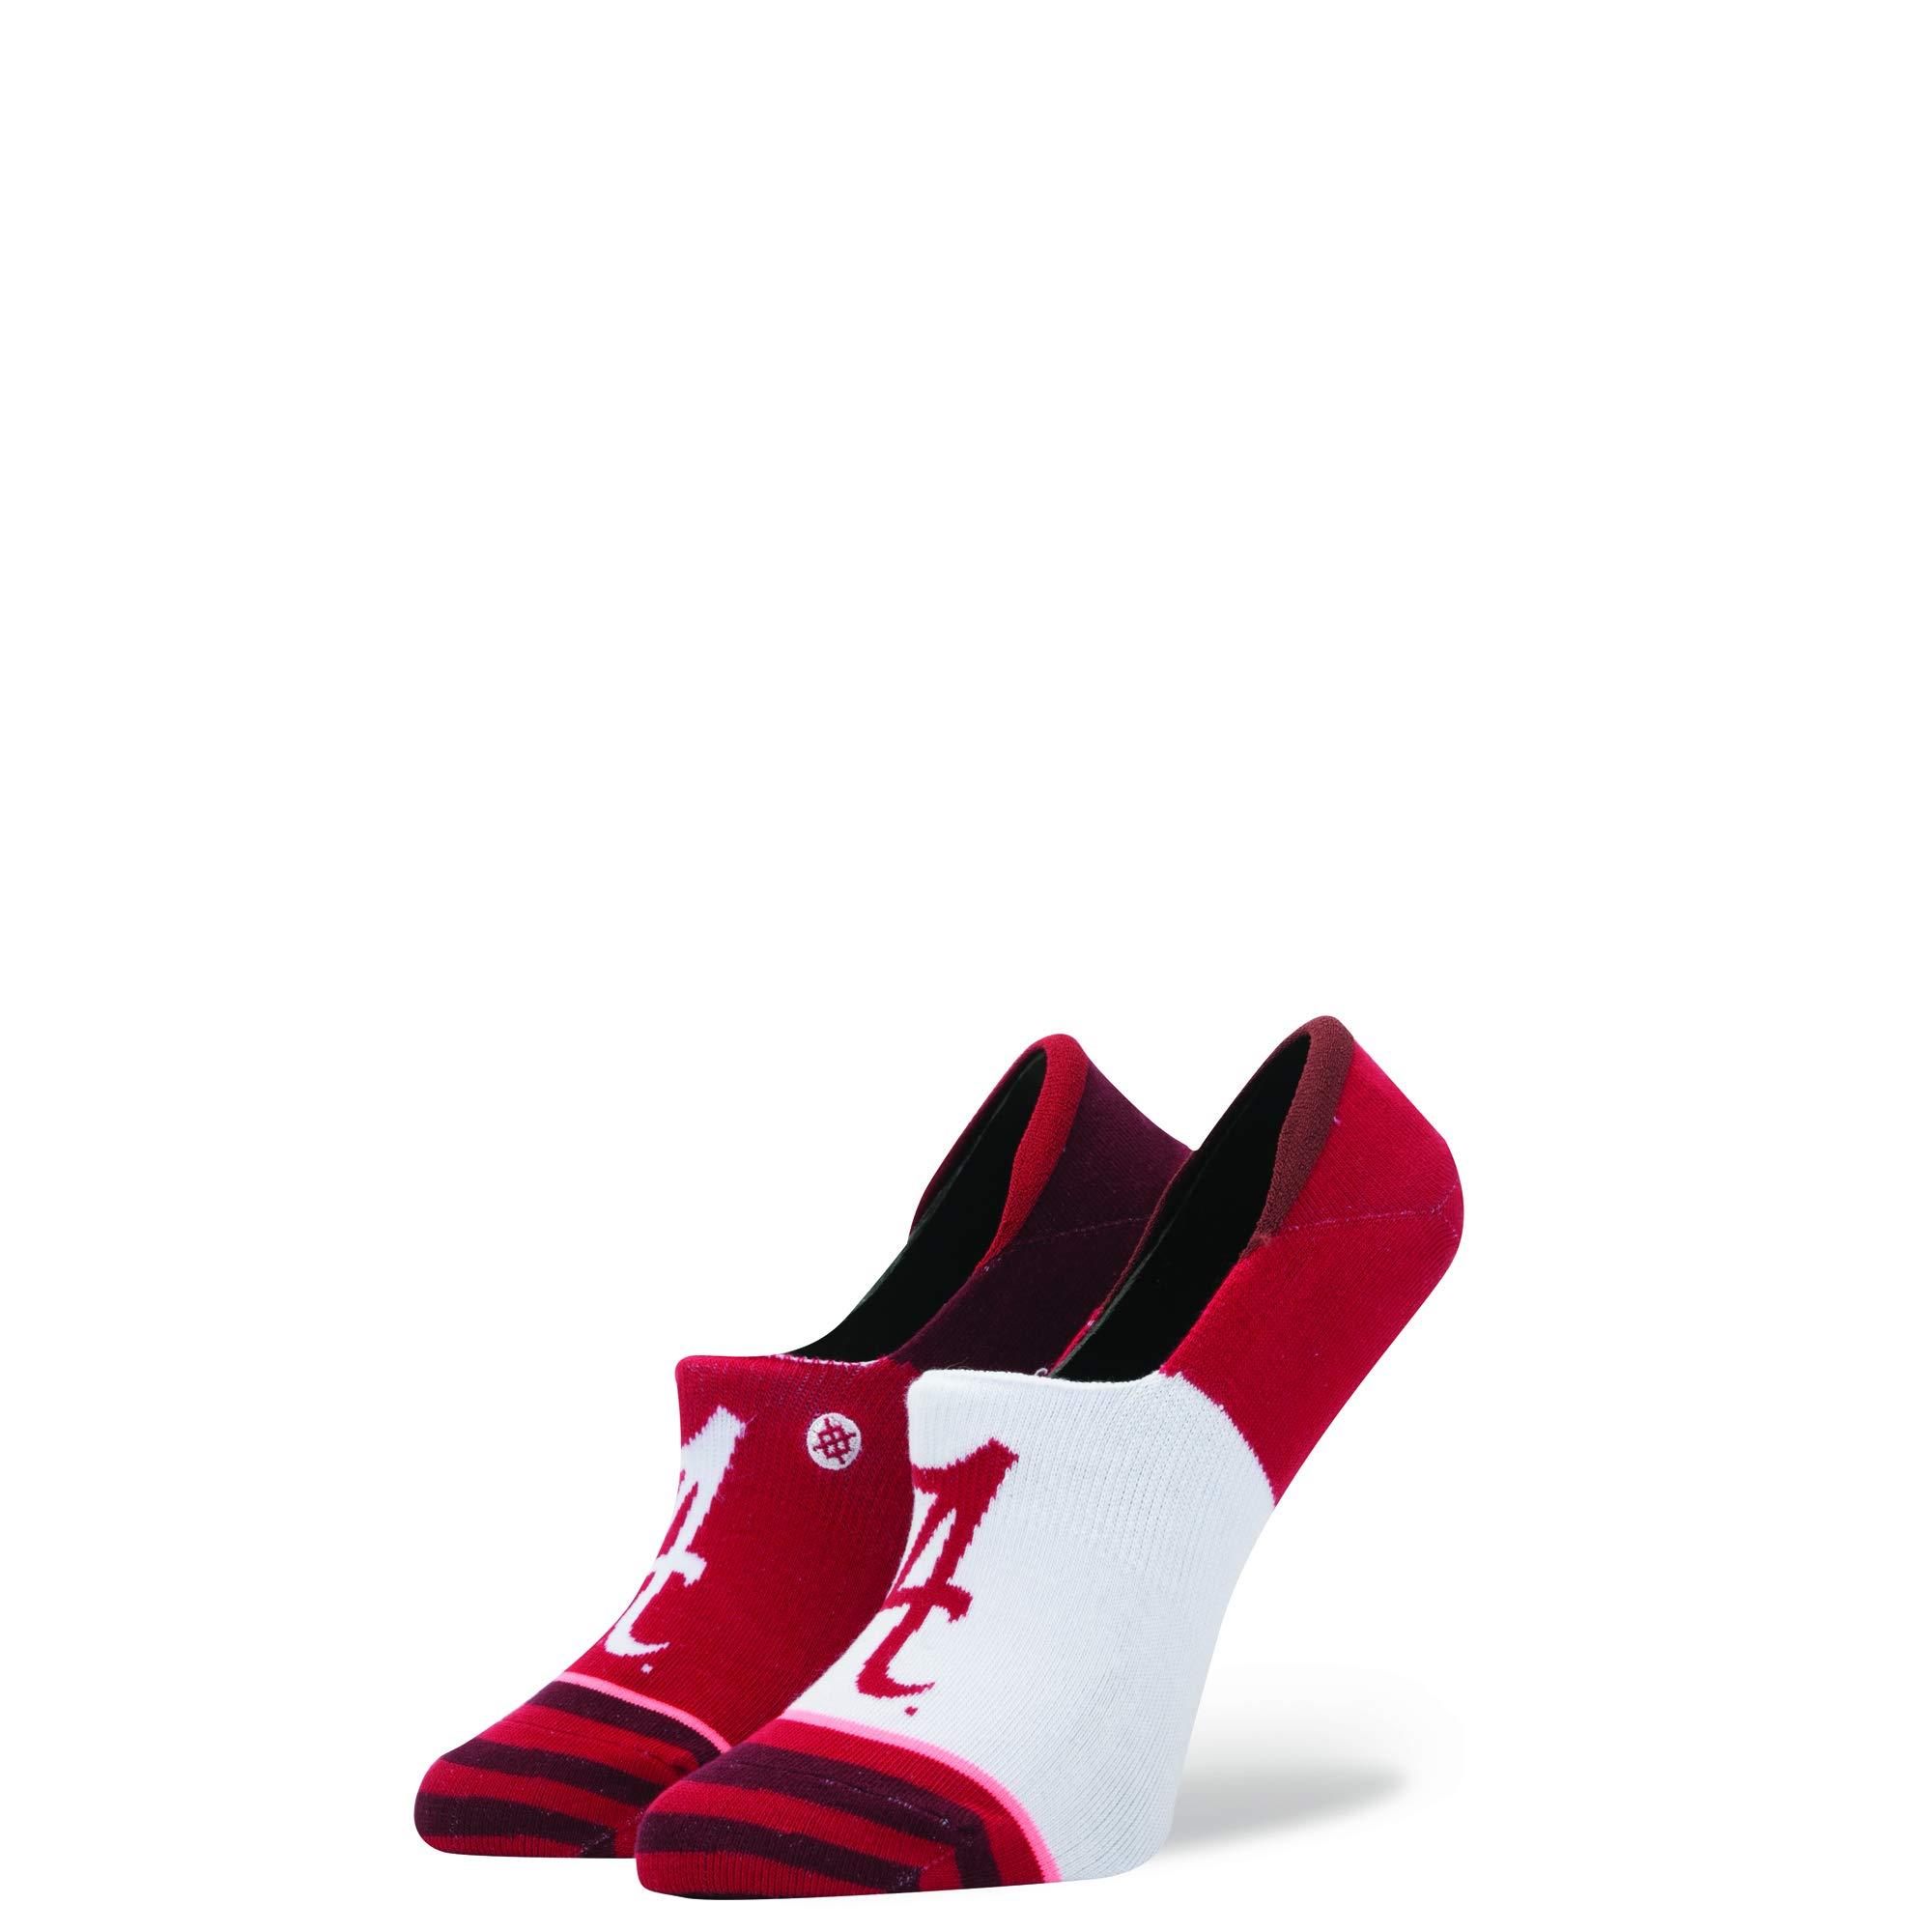 Stance Women's Bama Maroon Sock by Stance